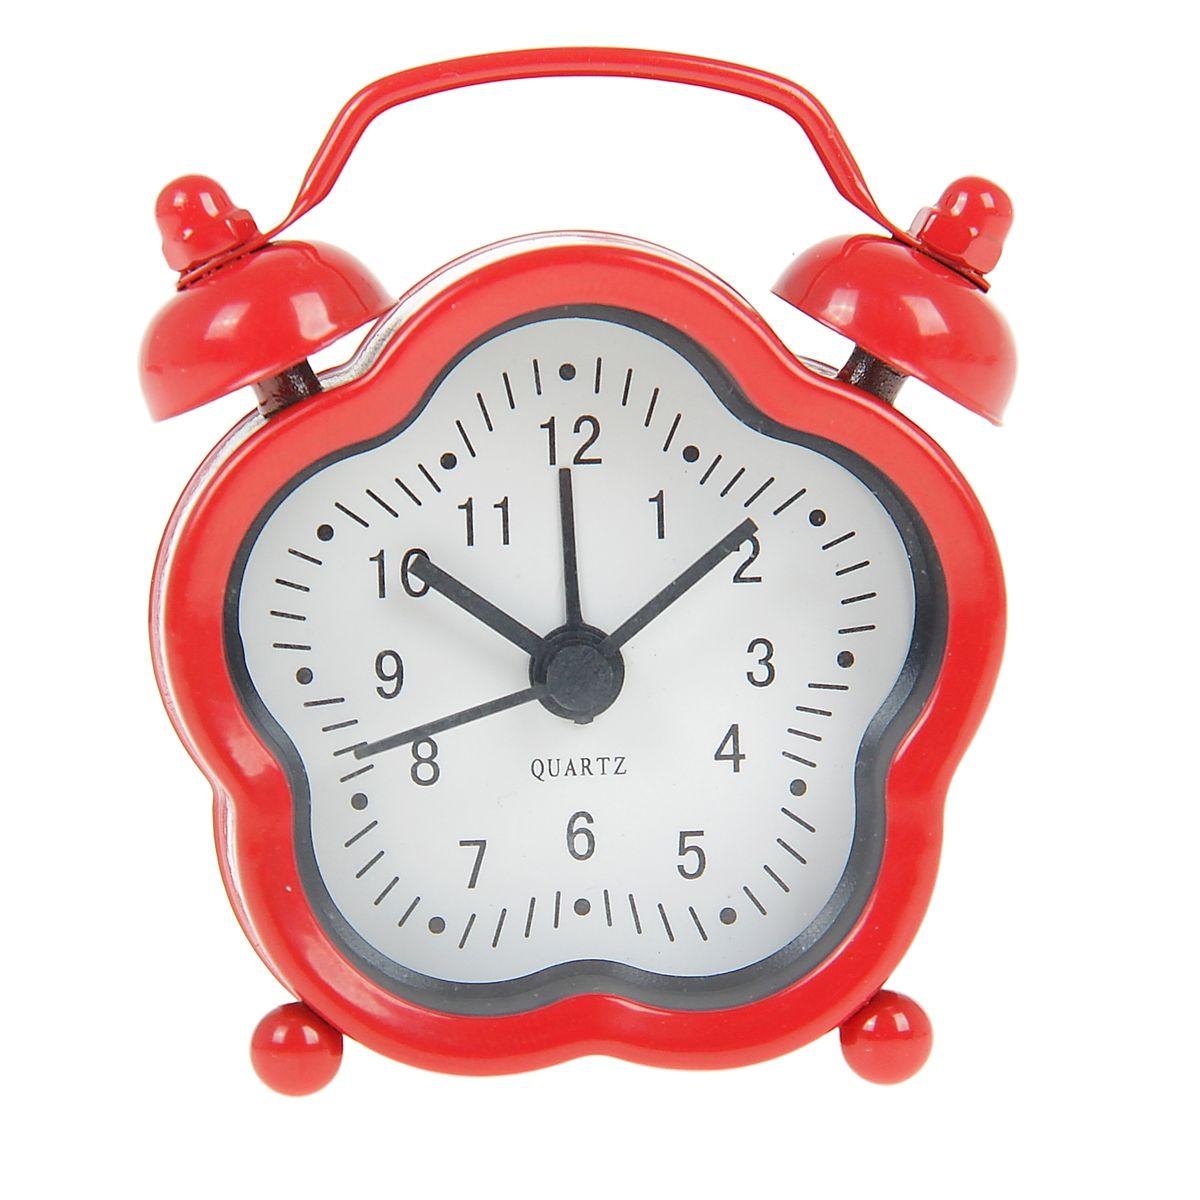 Часы-будильник Sima-land, цвет: красный. 840957MRC 4141 P schwarzКак же сложно иногда вставать вовремя! Всегда так хочется поспать еще хотя бы 5 минут и бывает, что мы просыпаем. Теперь этого не случится! Яркий, оригинальный будильник Sima-land поможет вам всегда вставать в нужное время и успевать везде и всюду. Будильник украсит вашу комнату и приведет в восхищение друзей. Эта уменьшенная версия привычного будильника умещается на ладони и работает так же громко, как и привычные аналоги. Время показывает точно и будит в установленный час.На задней панели будильника расположены переключатель включения/выключения механизма, а также два колесика для настройки текущего времени и времени звонка будильника.Будильник работает от 1 батарейки типа LR44 (входит в комплект).